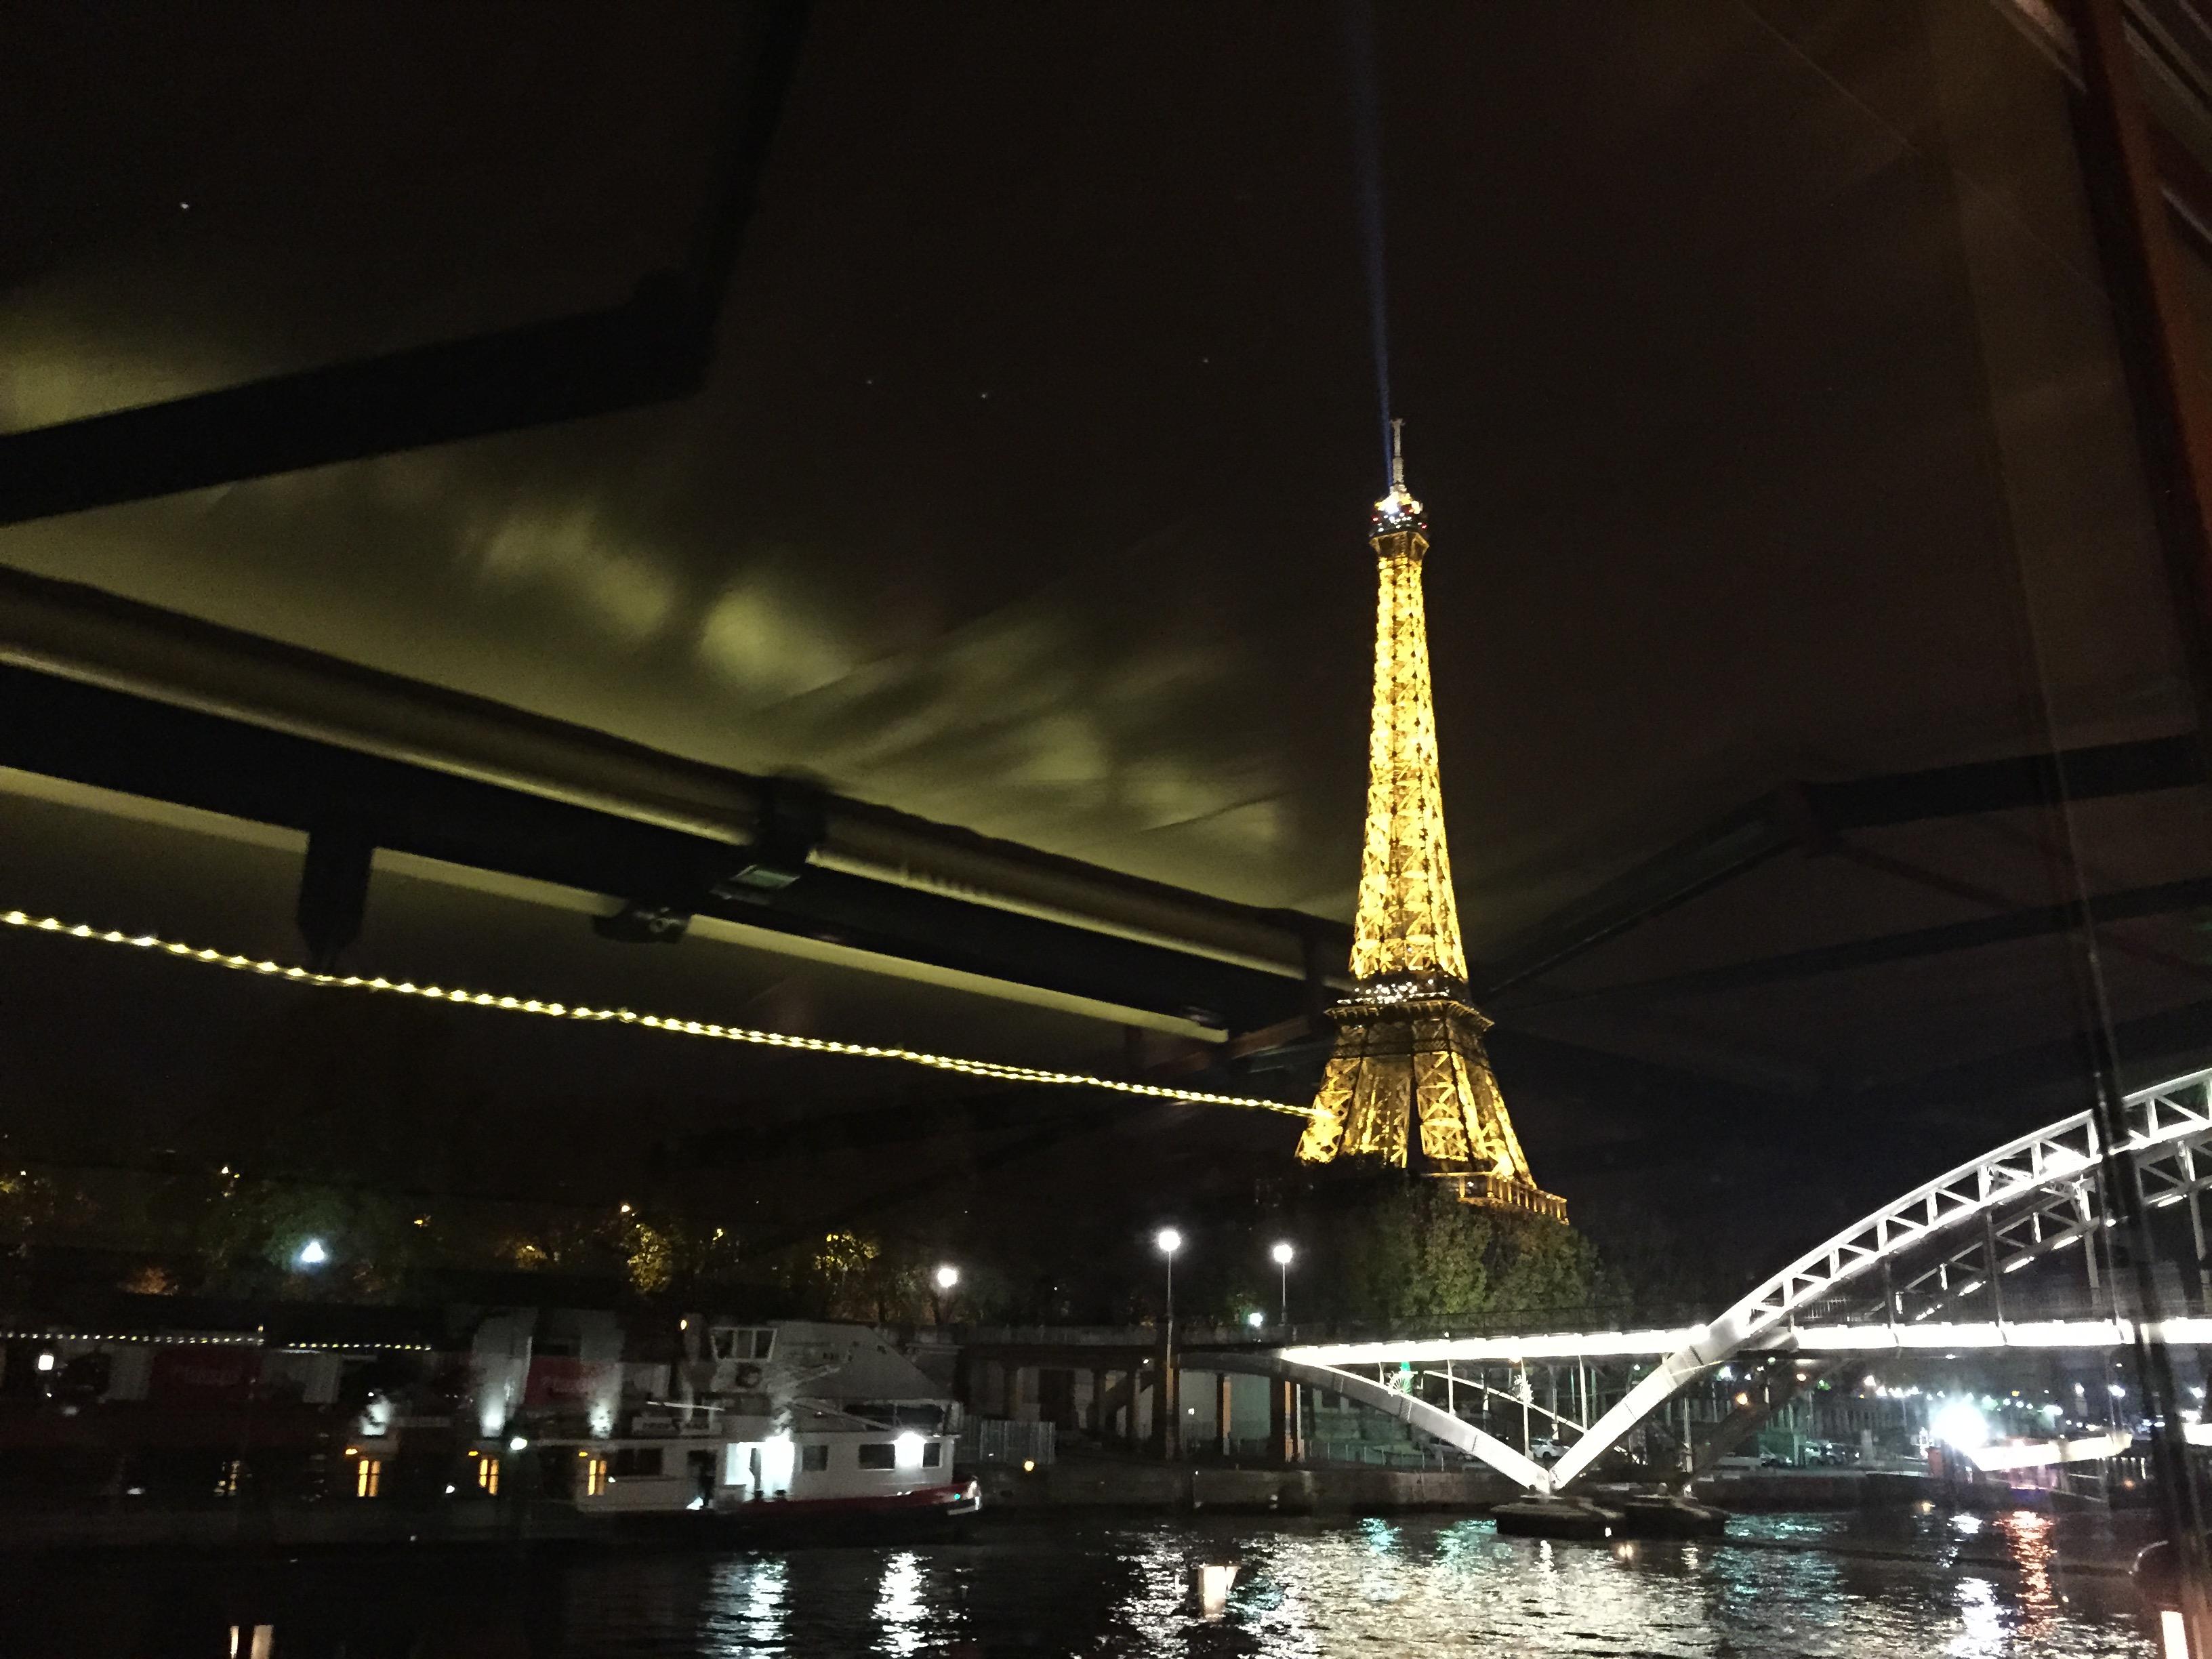 Diner croisiere sur la Seine avec le bateau le Calife tour eiffel